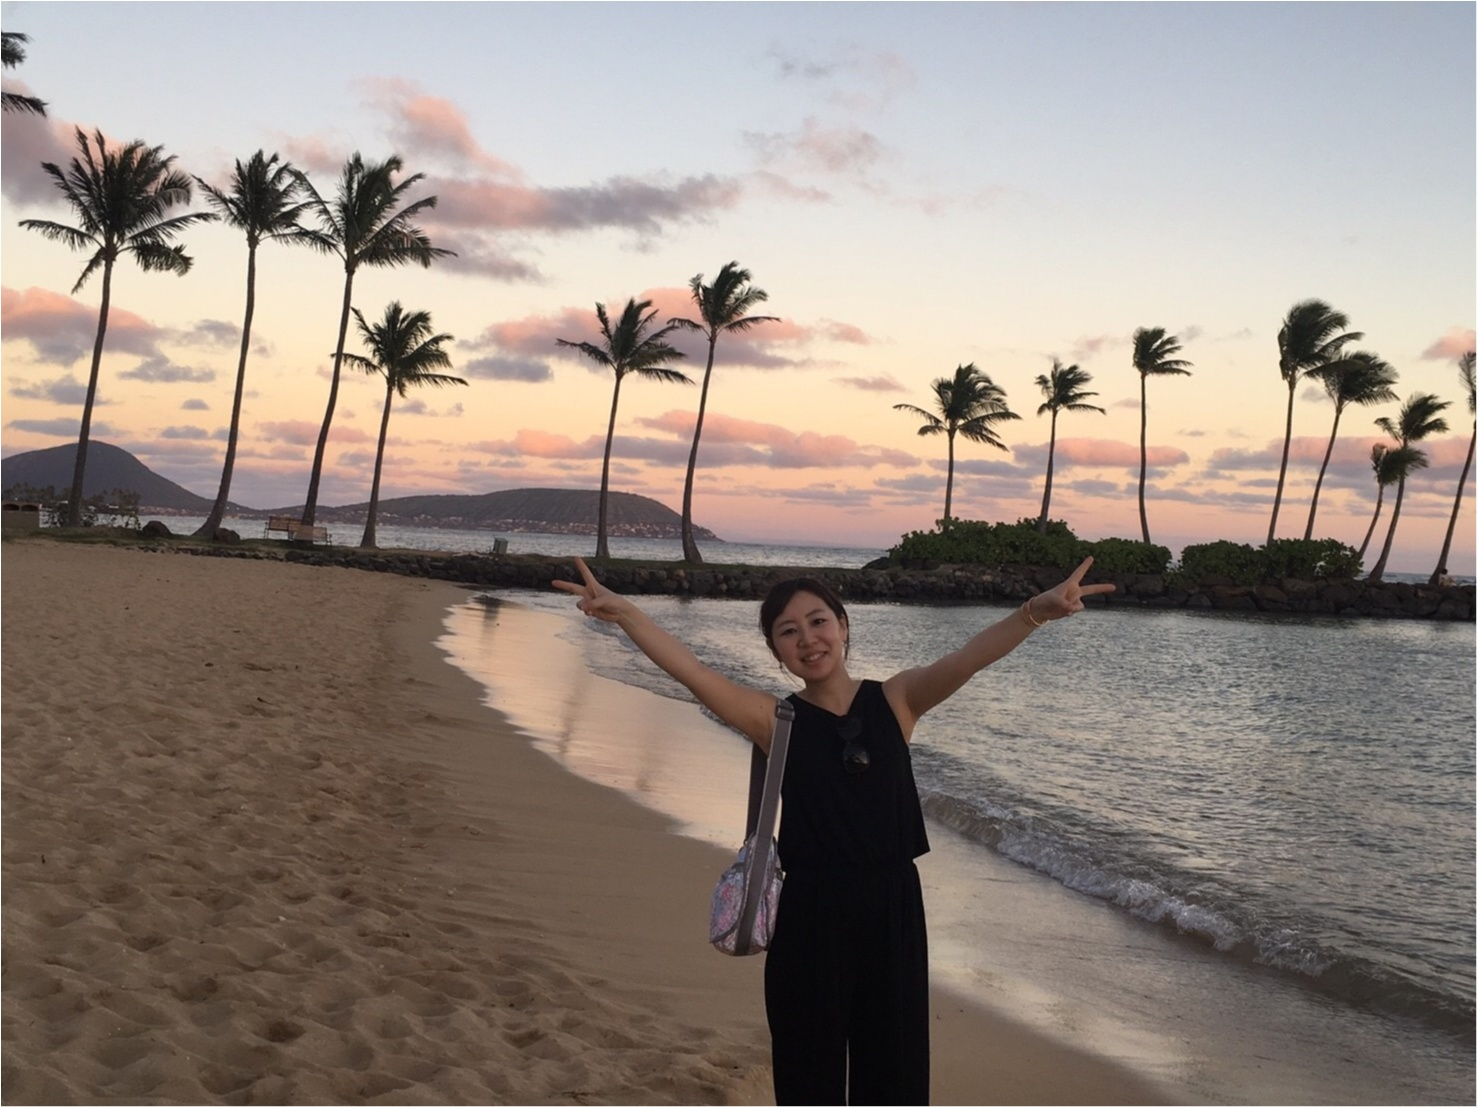 ハワイのフォトジェニックな写真たち。誕生日をハワイで過ごせました!_2